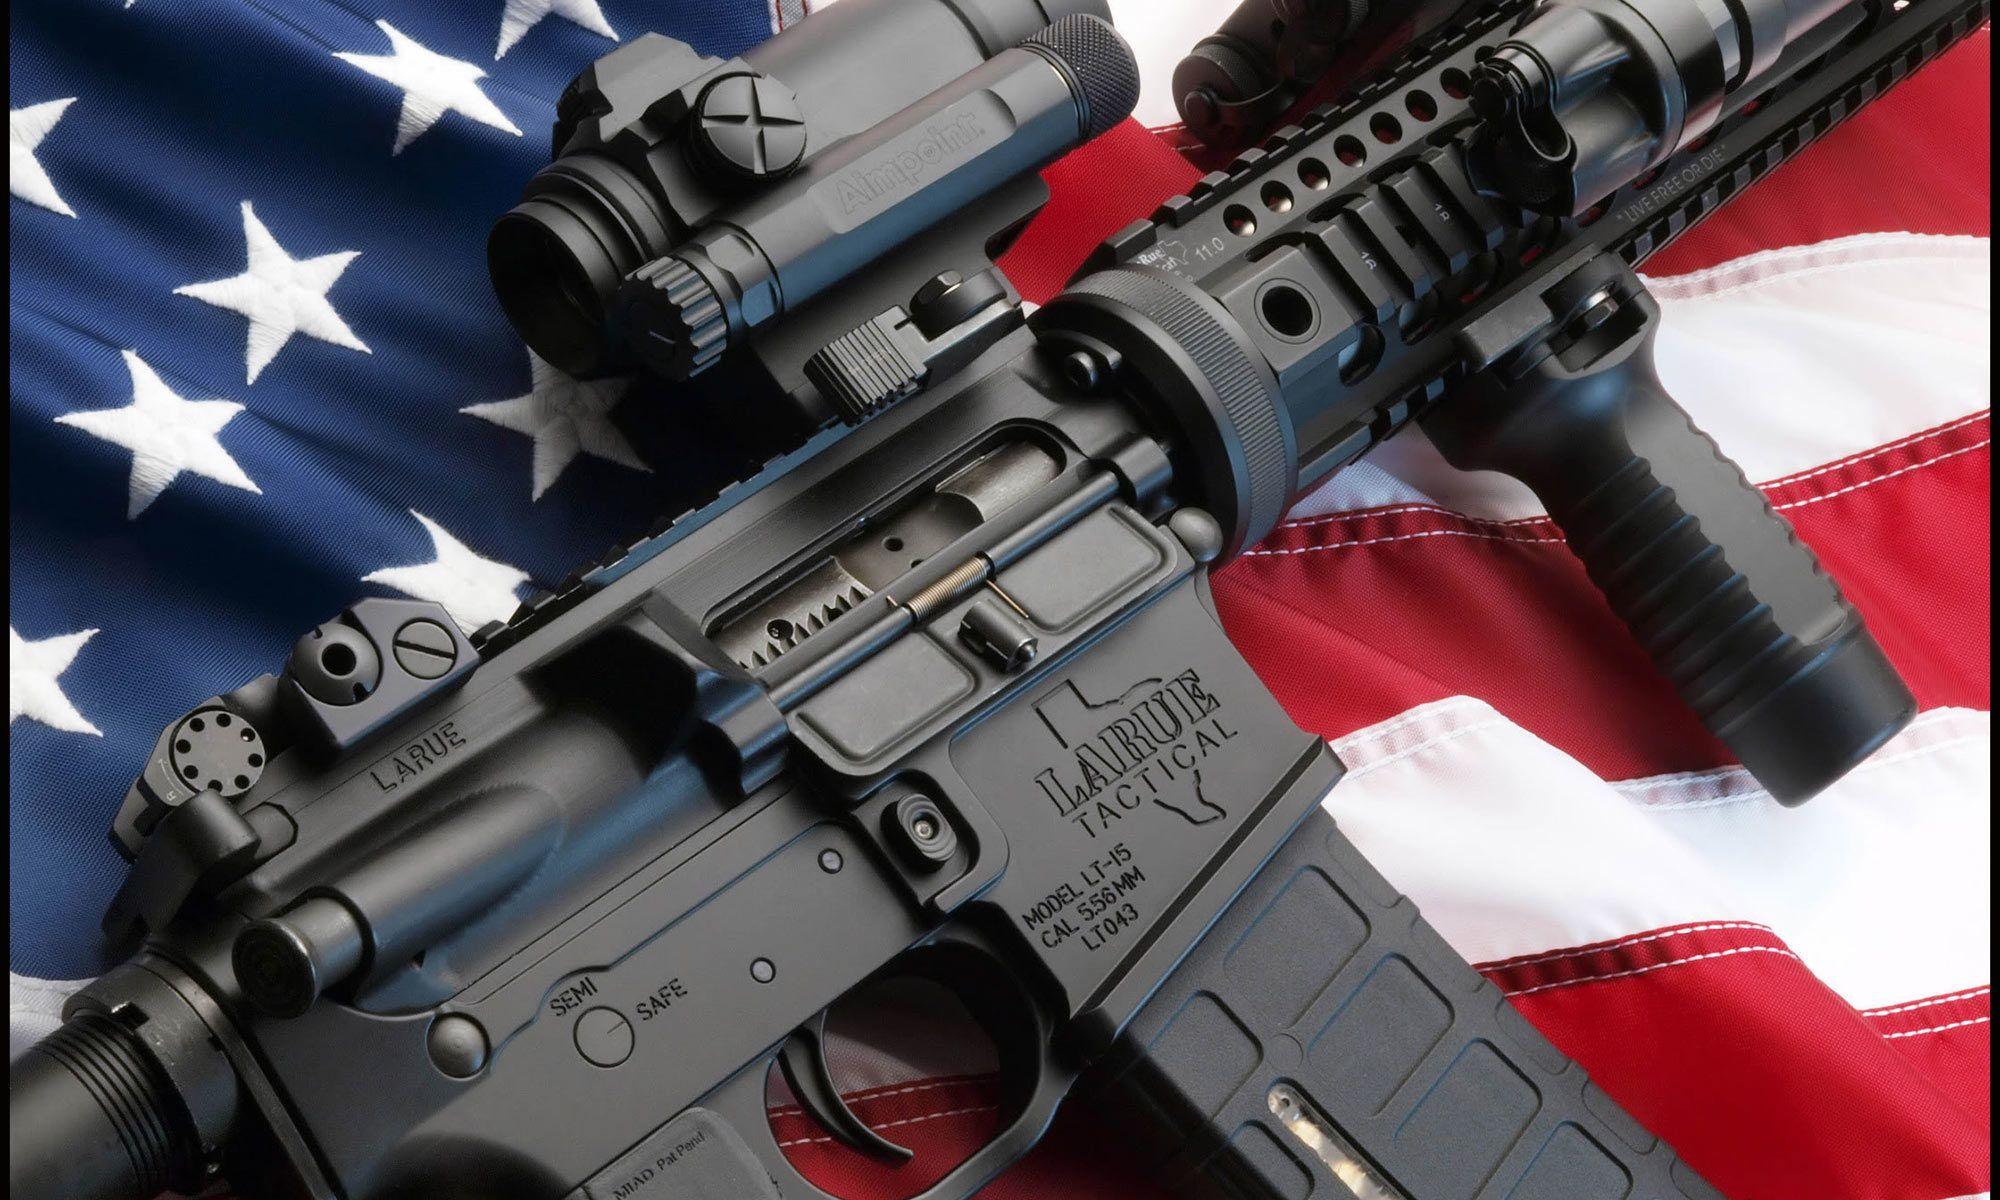 firearm safety certificate